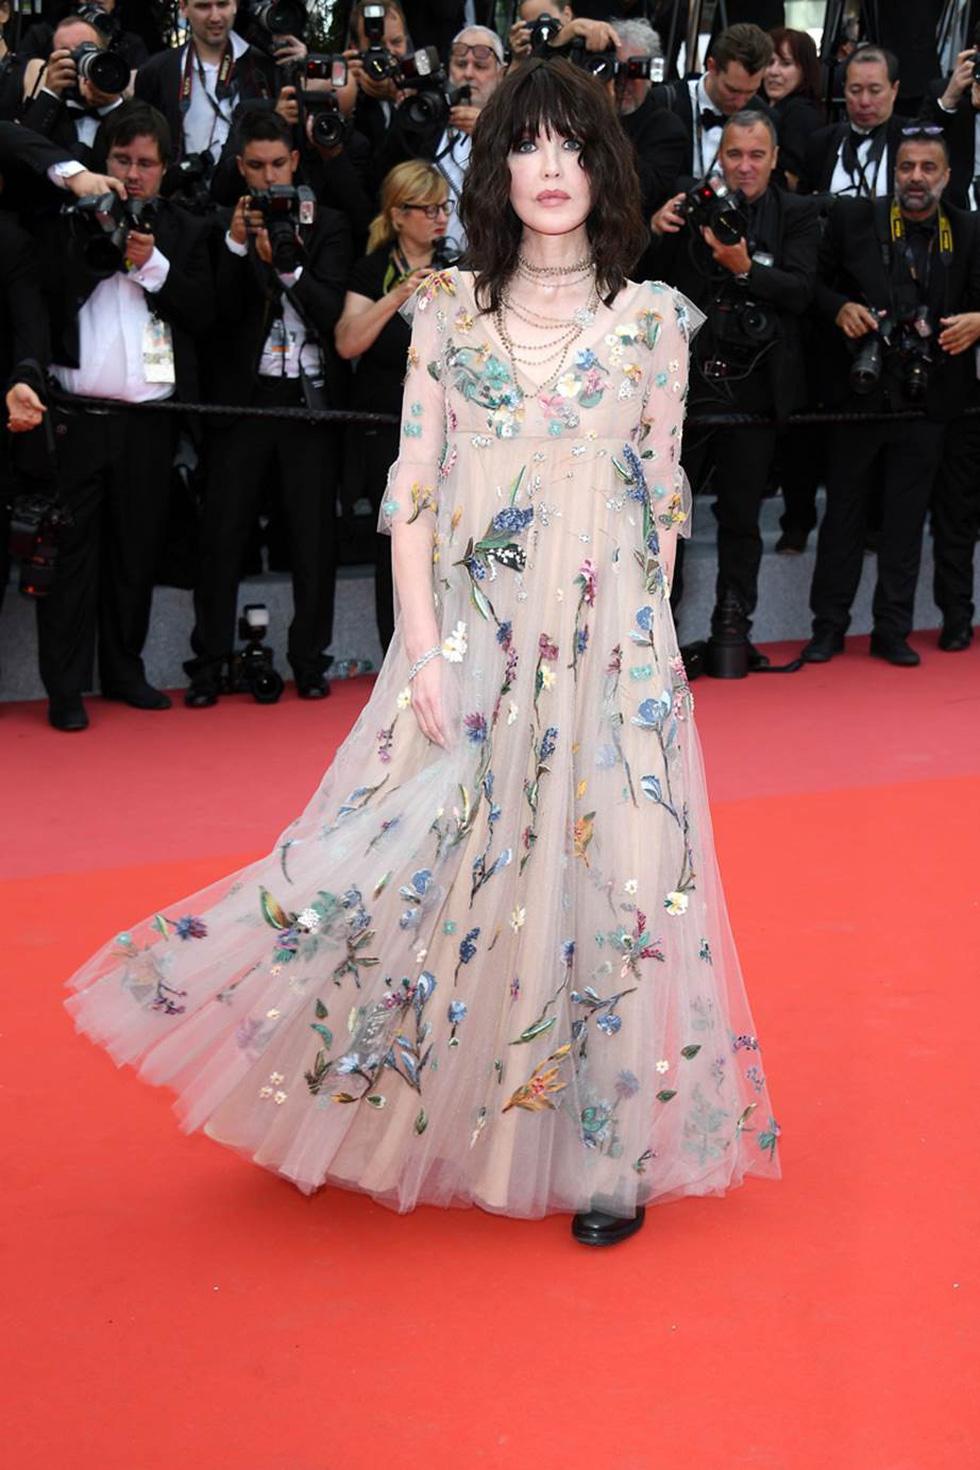 Cate Blanchett mặc đồ cũ, dàn sao nữ lộng lẫy trên thảm đỏ Cannes - Ảnh 8.